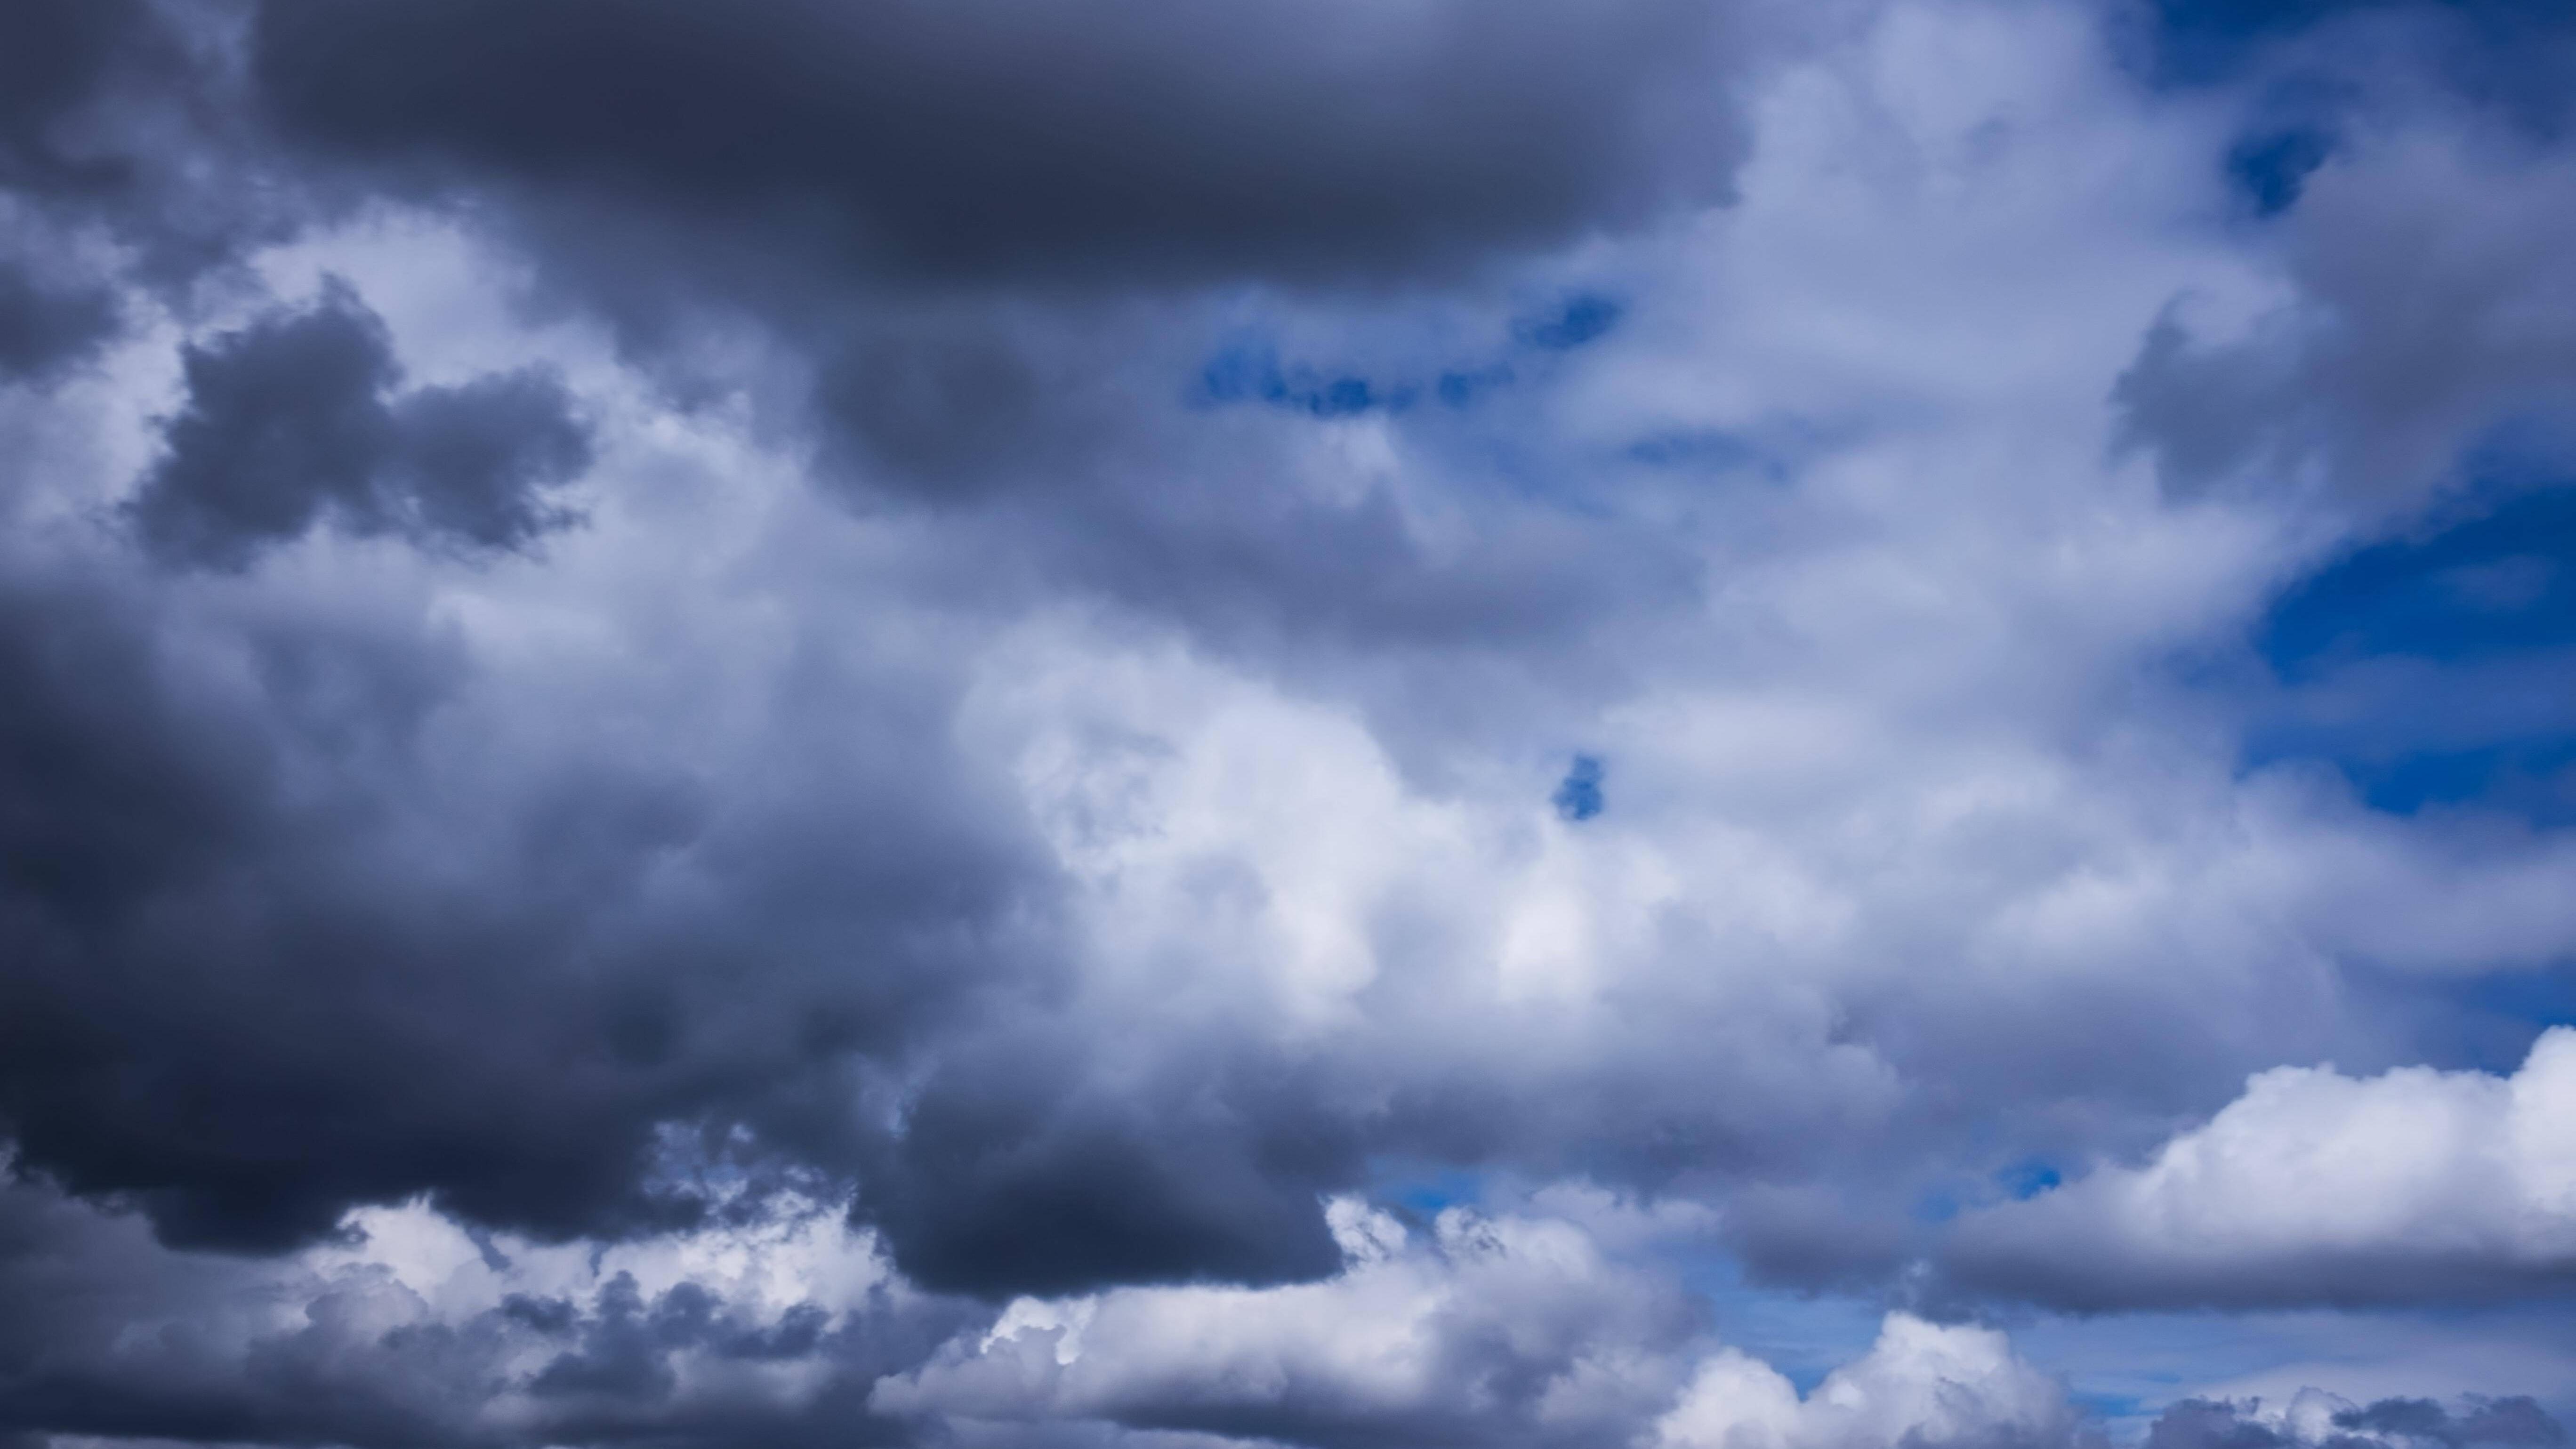 Auch wenn eindeutige wissenschaftliche Belege fehlen, wird Silberiodid in der Praxis bereits vielerorts eingesetzt, um das Wetter zu manipulieren.